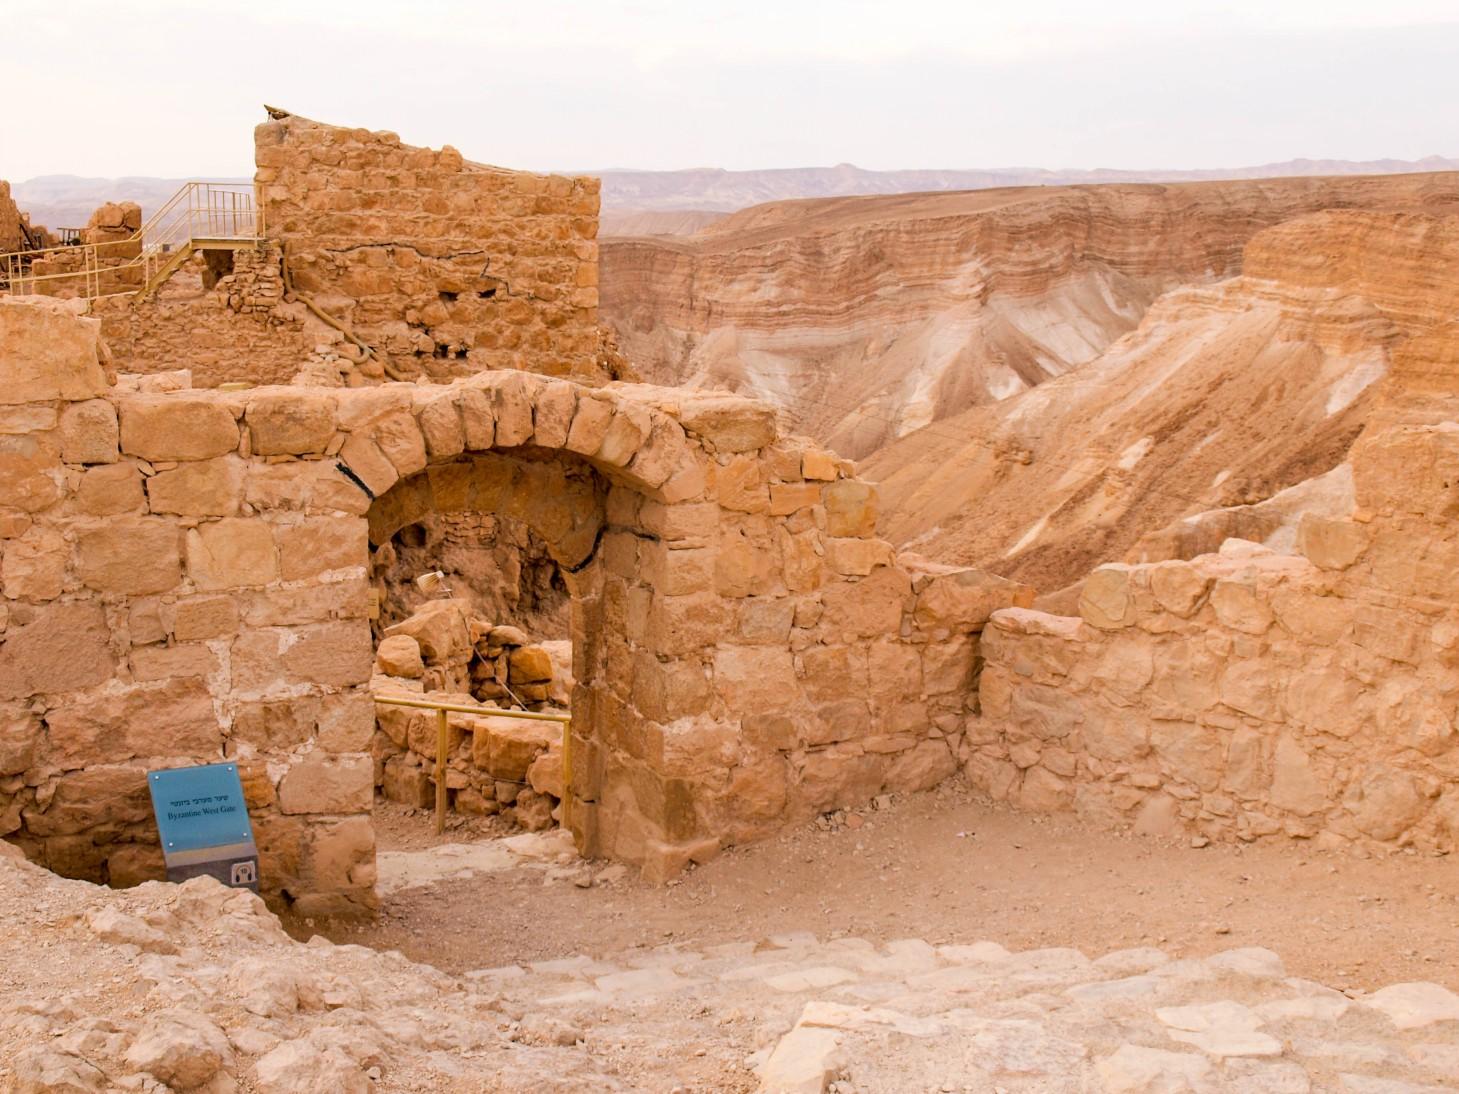 Izrael ciekawe miejsca i najwieksze atrakcje (4)